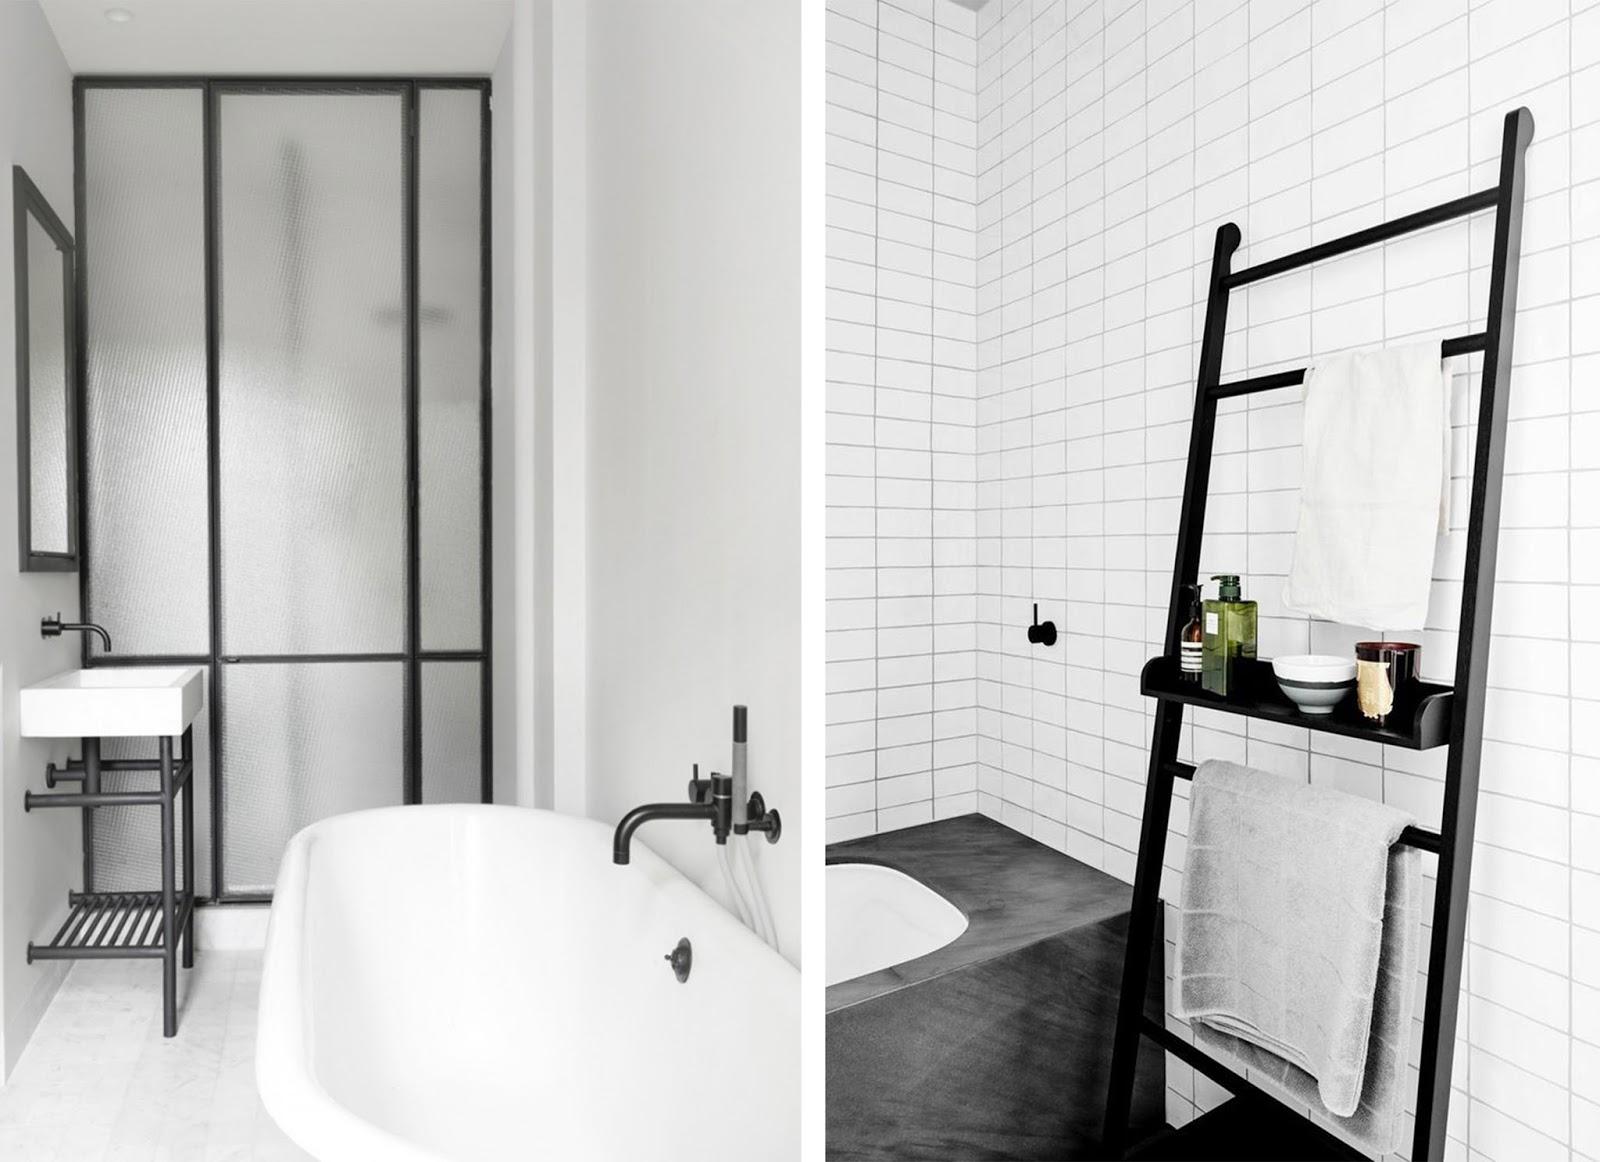 Nuove tendenze rubinetteria nera e minimale arc art blog by daniele drigo - Rubinetteria bagno nera ...